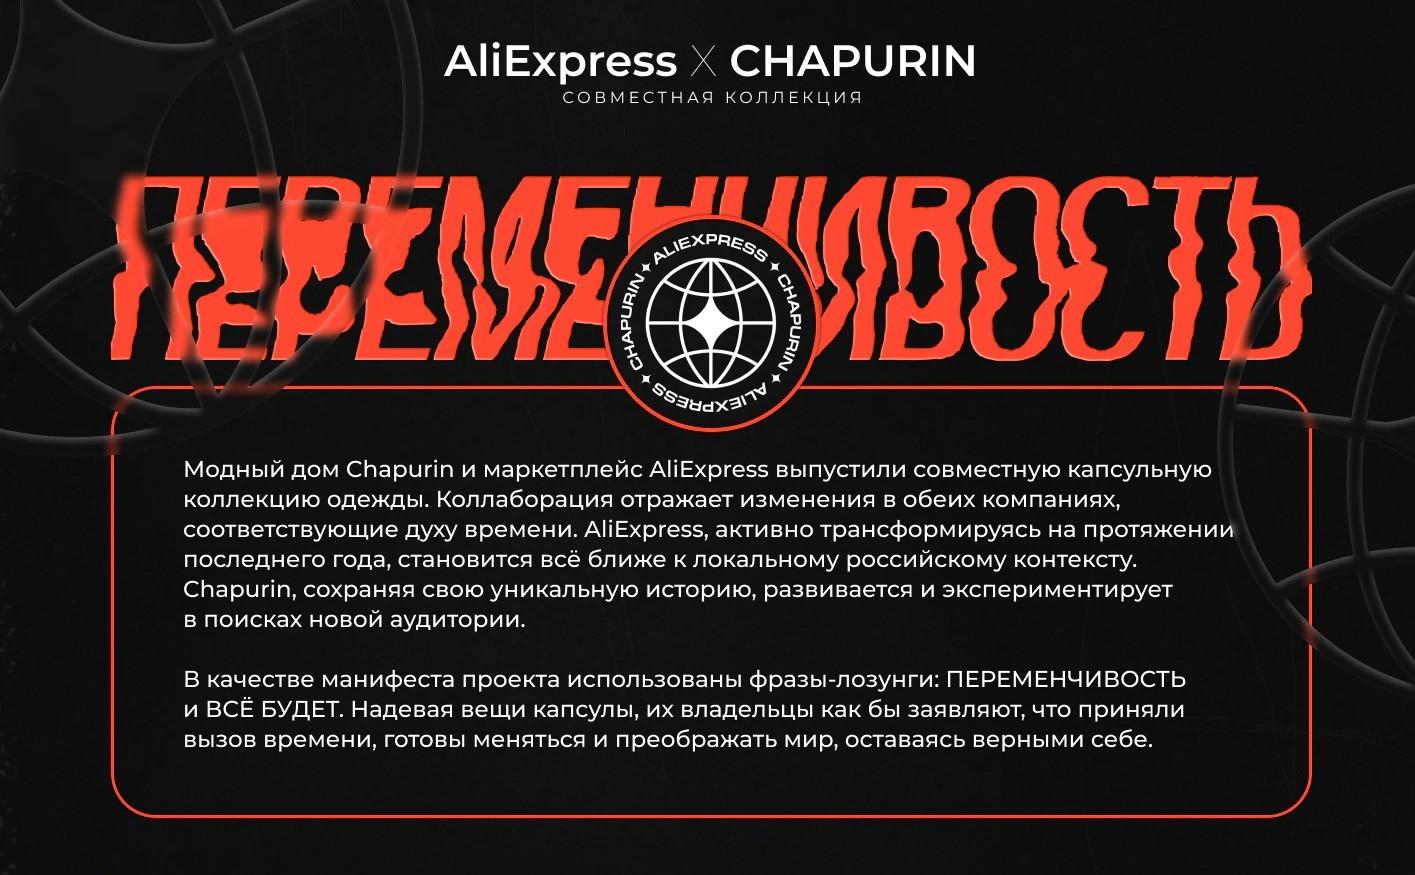 совместная коллекция aliexpress chapurin